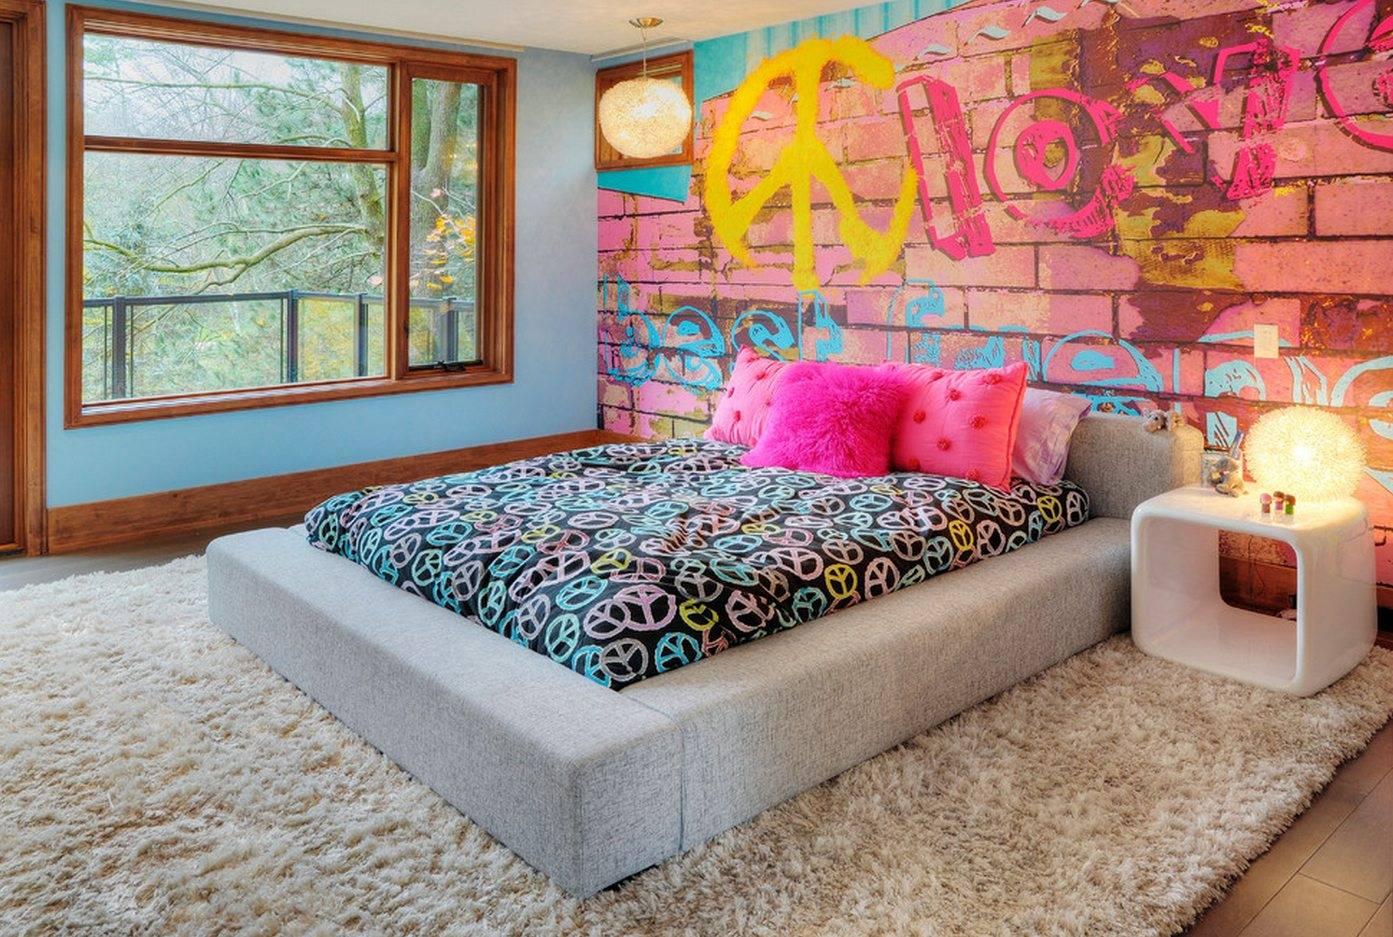 Дизайн обоев с рисунком: 100+ фото, лучшие идеи для кухни, гостиной и спальни